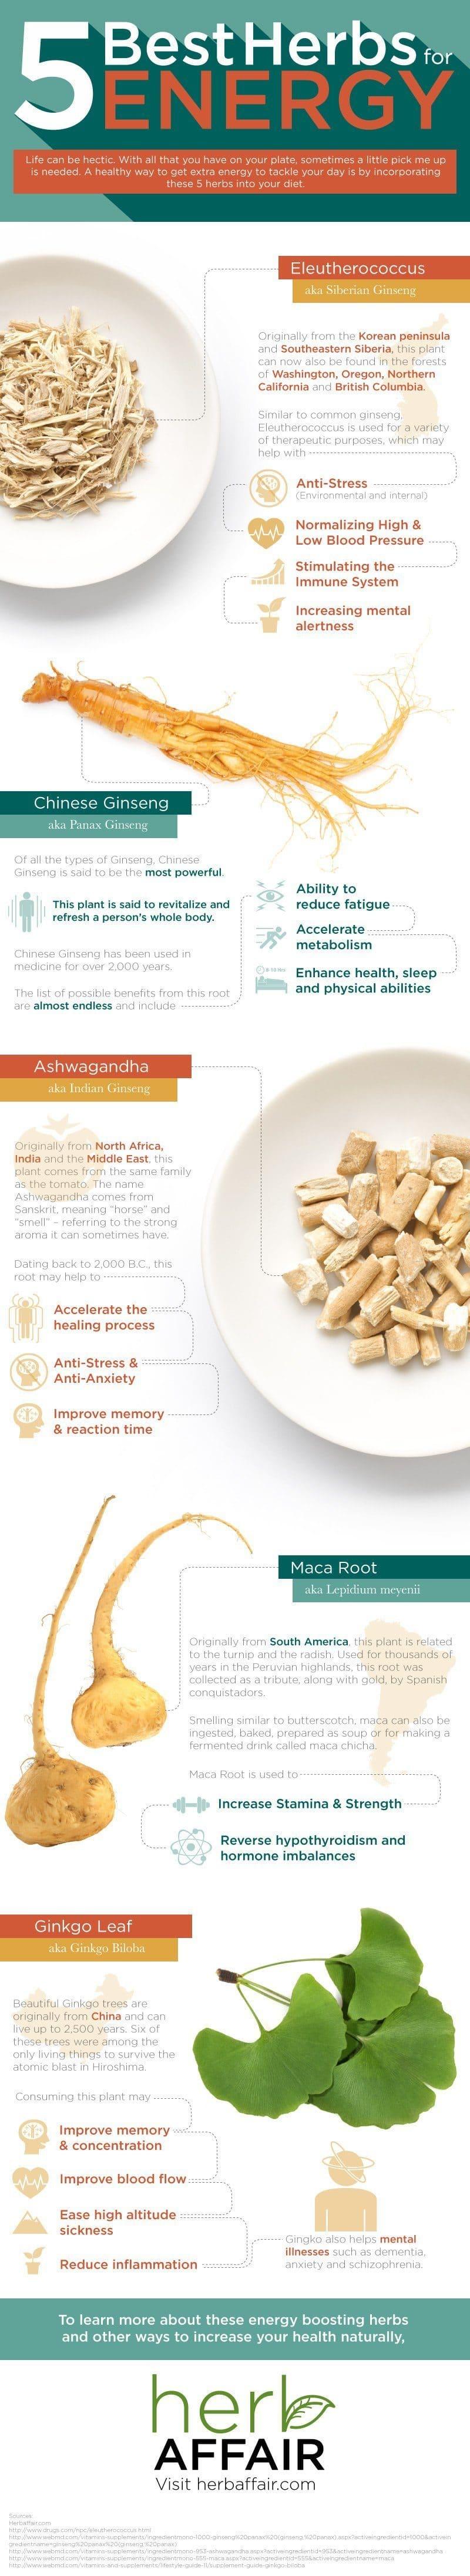 Best herbs for Energy